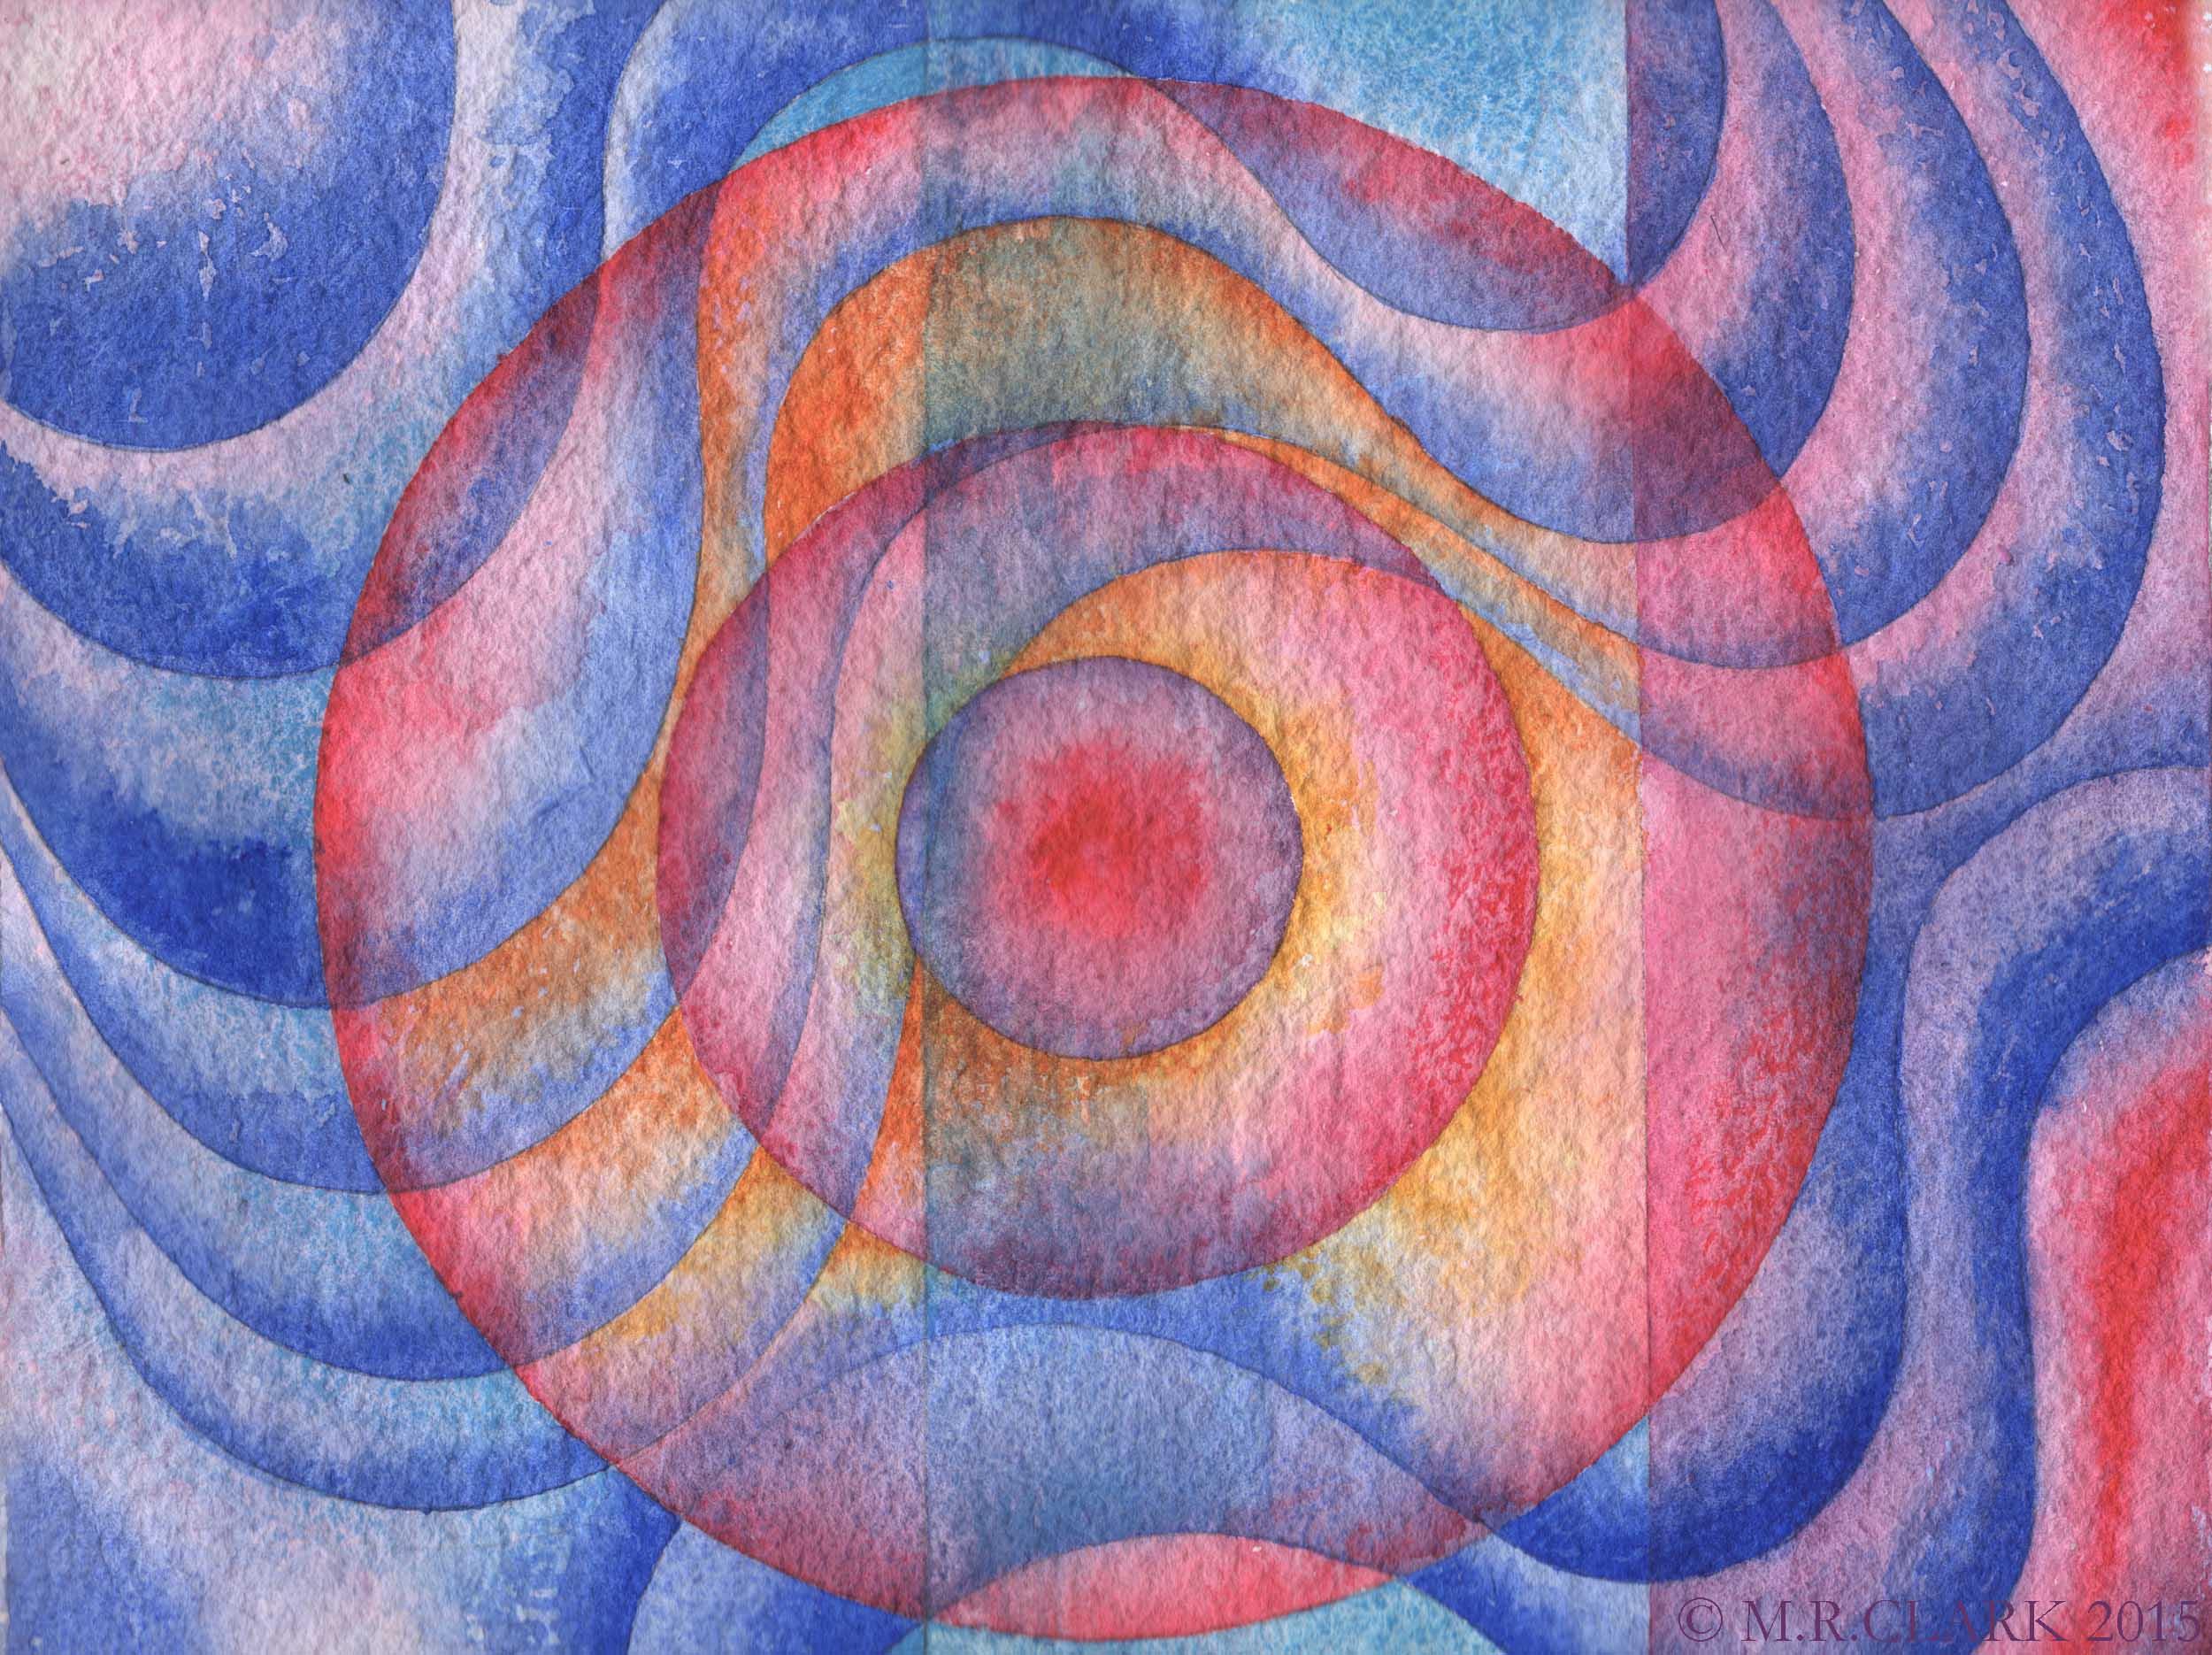 bullseye-wave.web.watermark.jpg